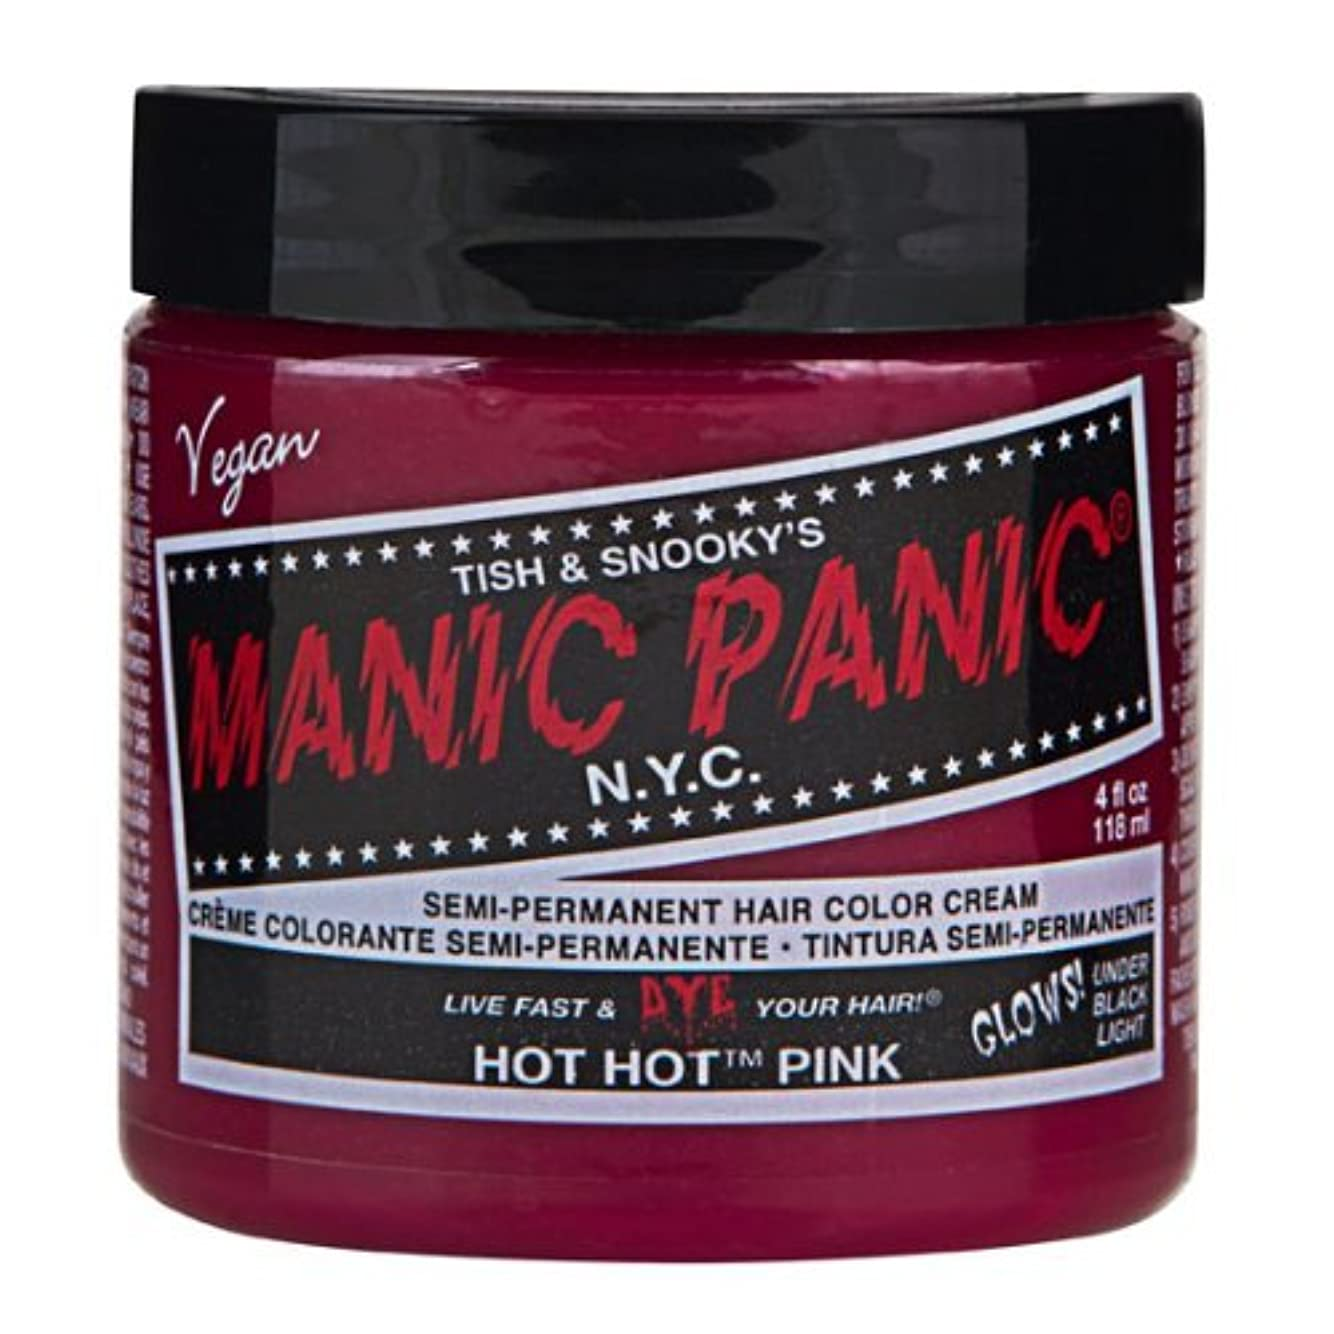 小麦愛人触手マニックパニック MANIC PANIC ヘアカラー 118mlホットホットピンク ヘアーカラー